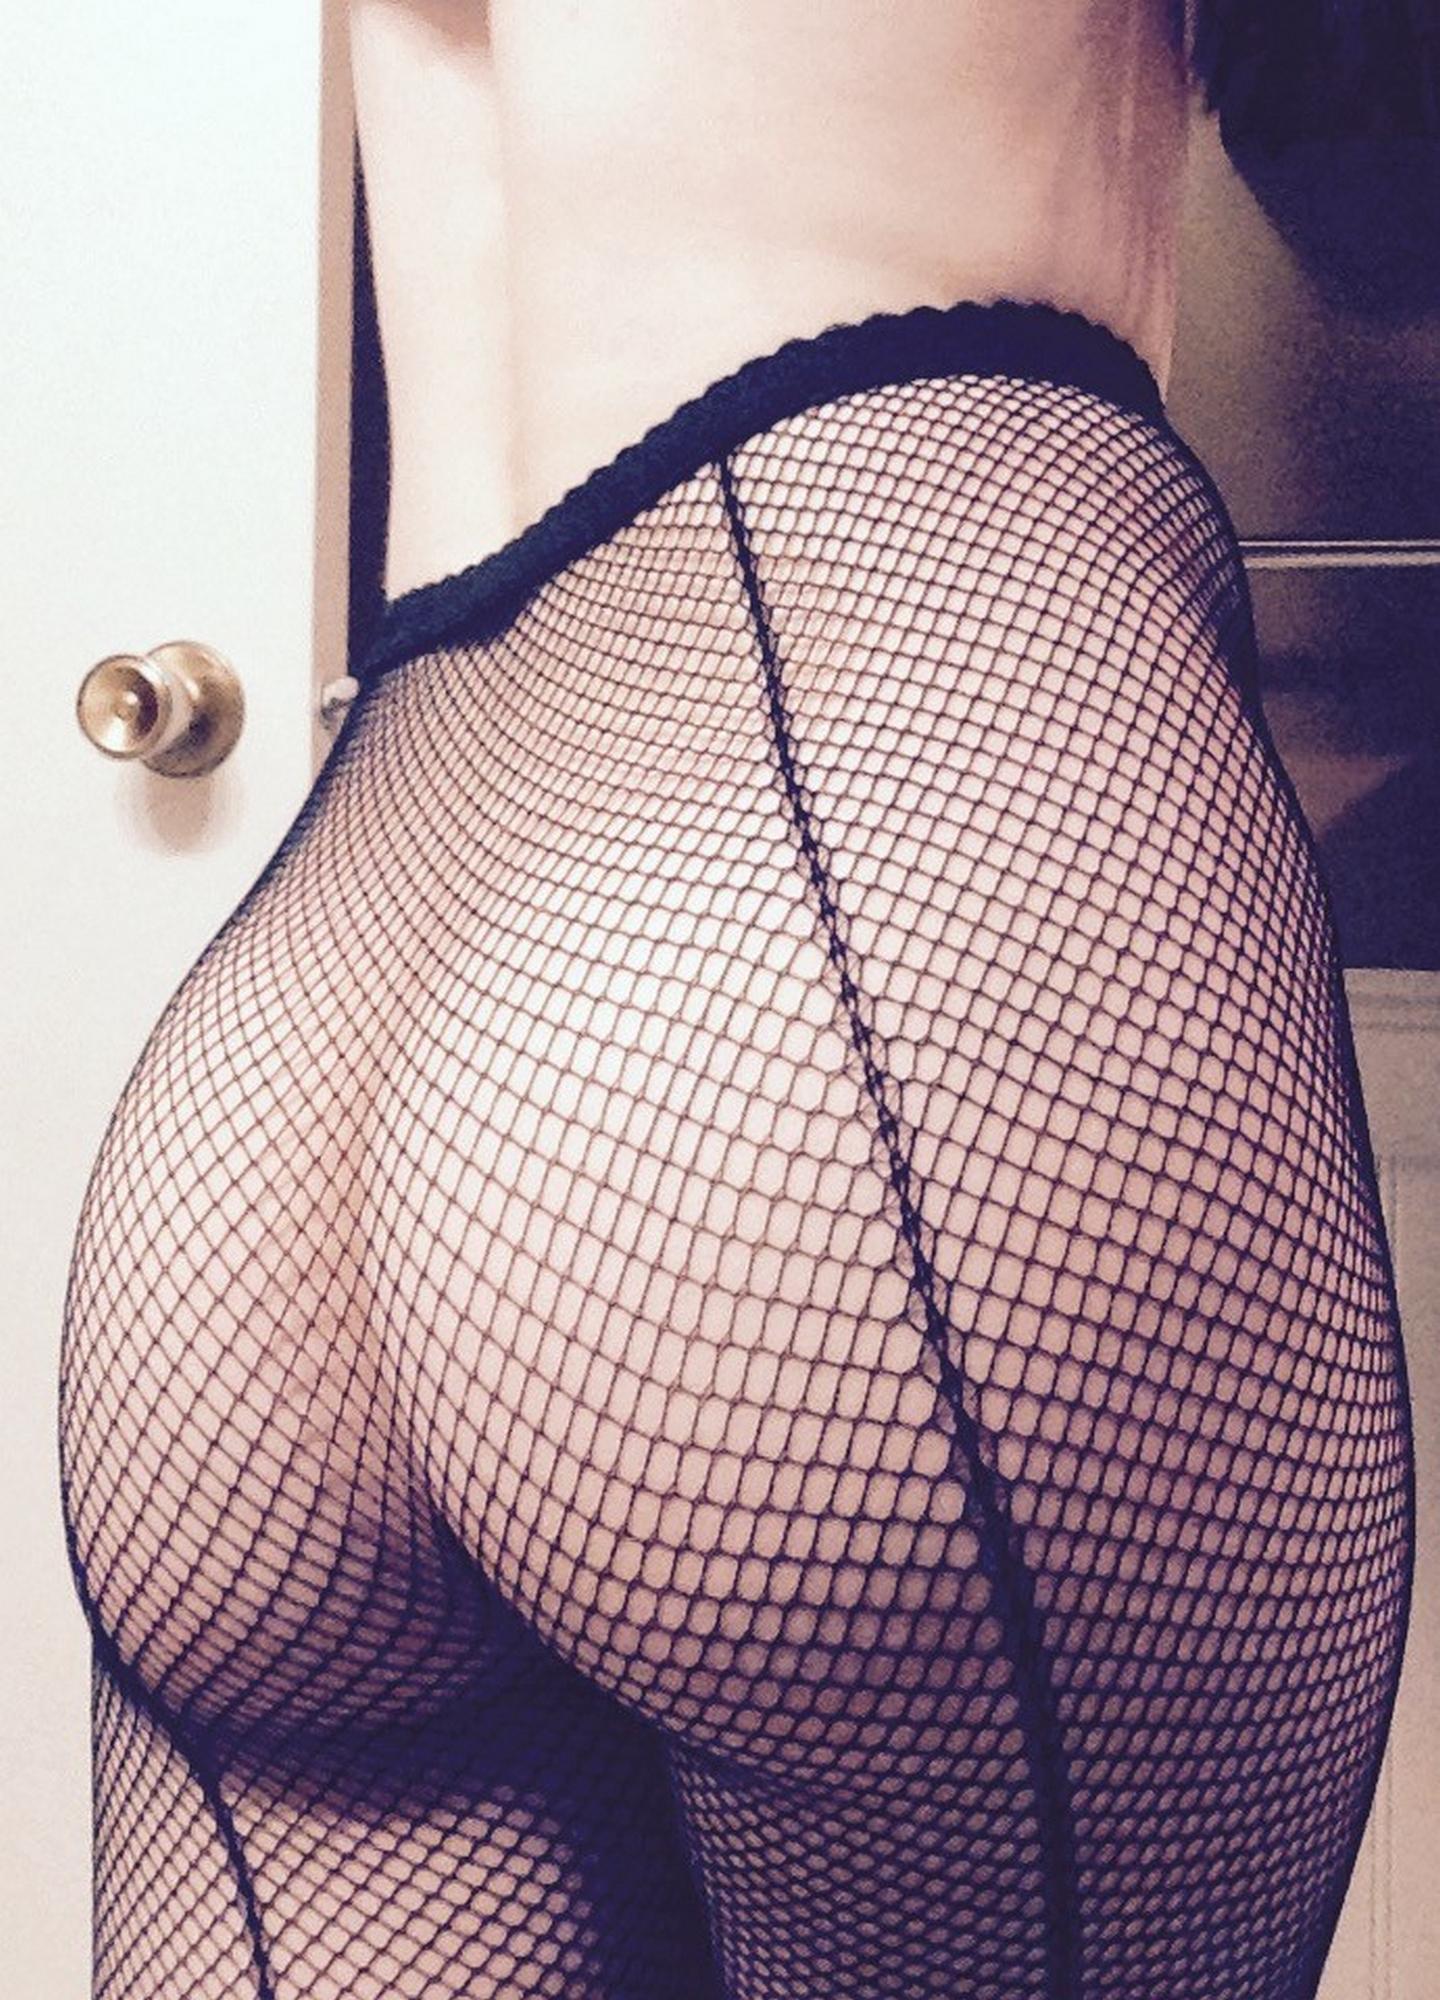 Эротические селфи молодых девушек в чулках и нижнем белье секс фото и порно фото